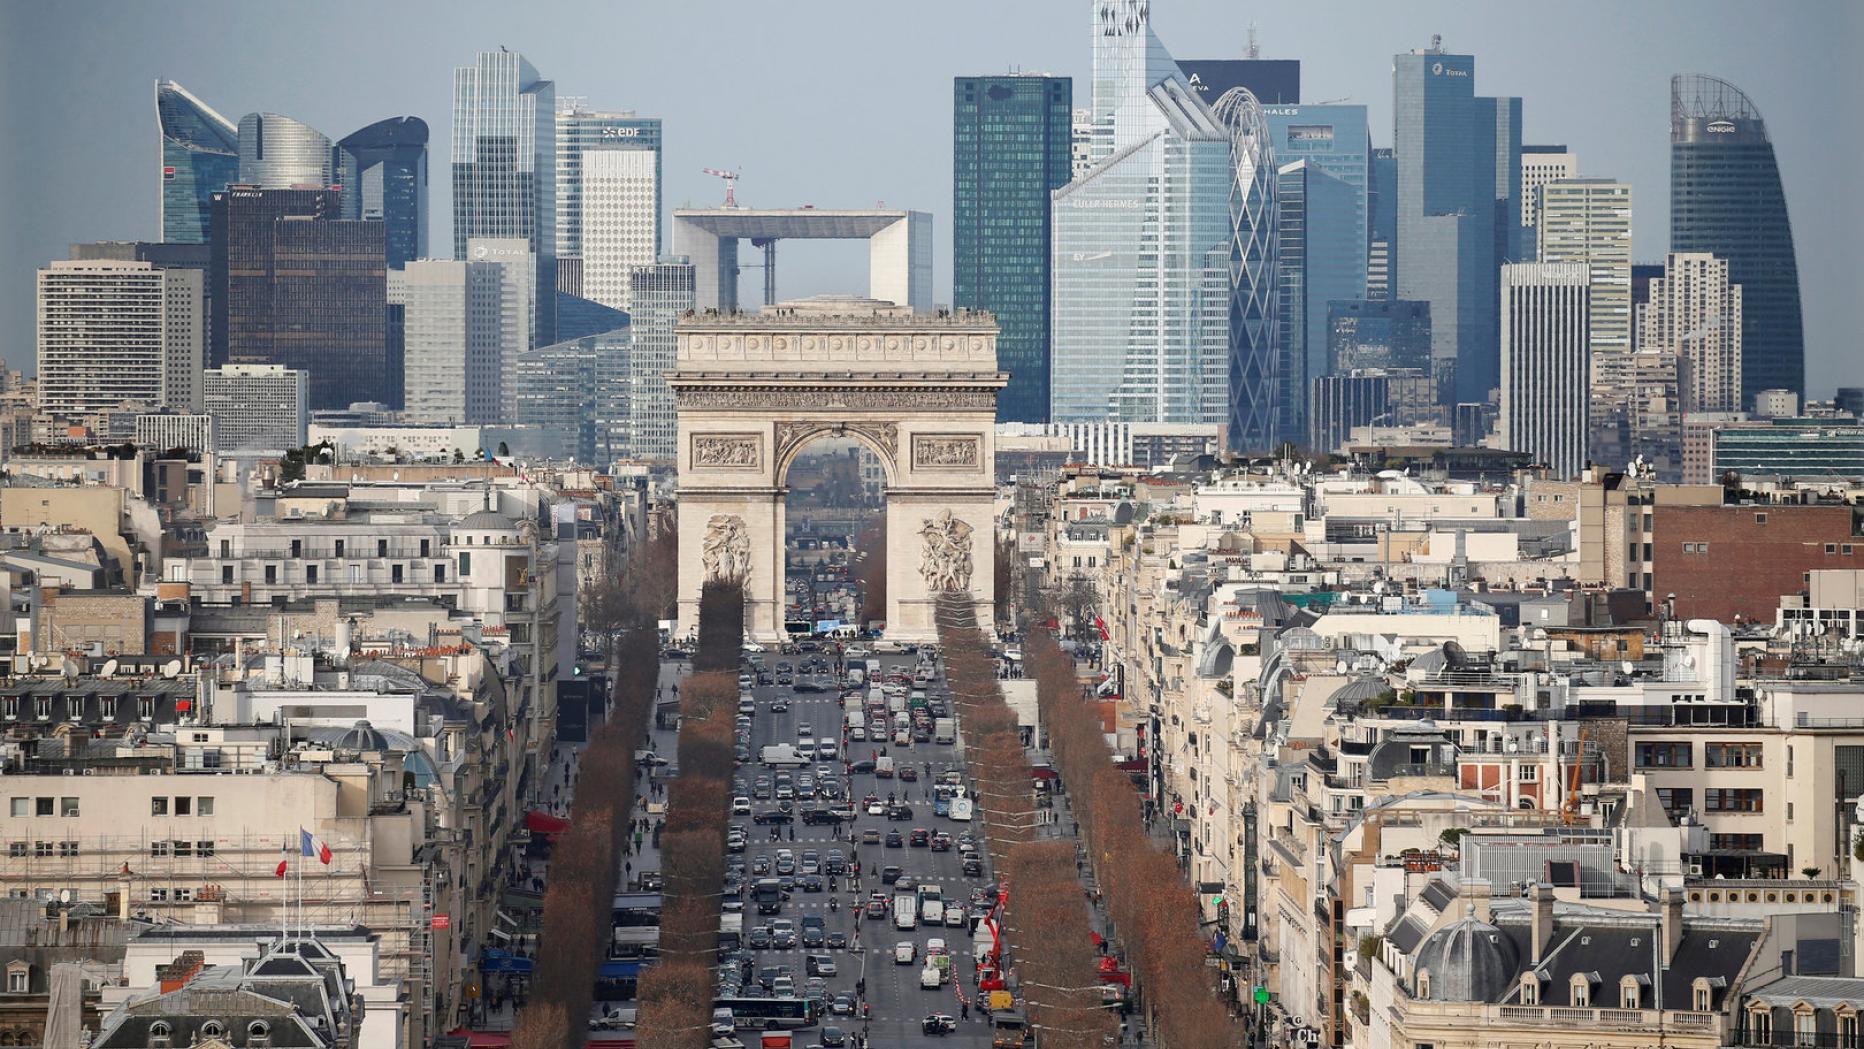 Frankreich führt ab 2019 Digitalsteuer im Alleingang ein